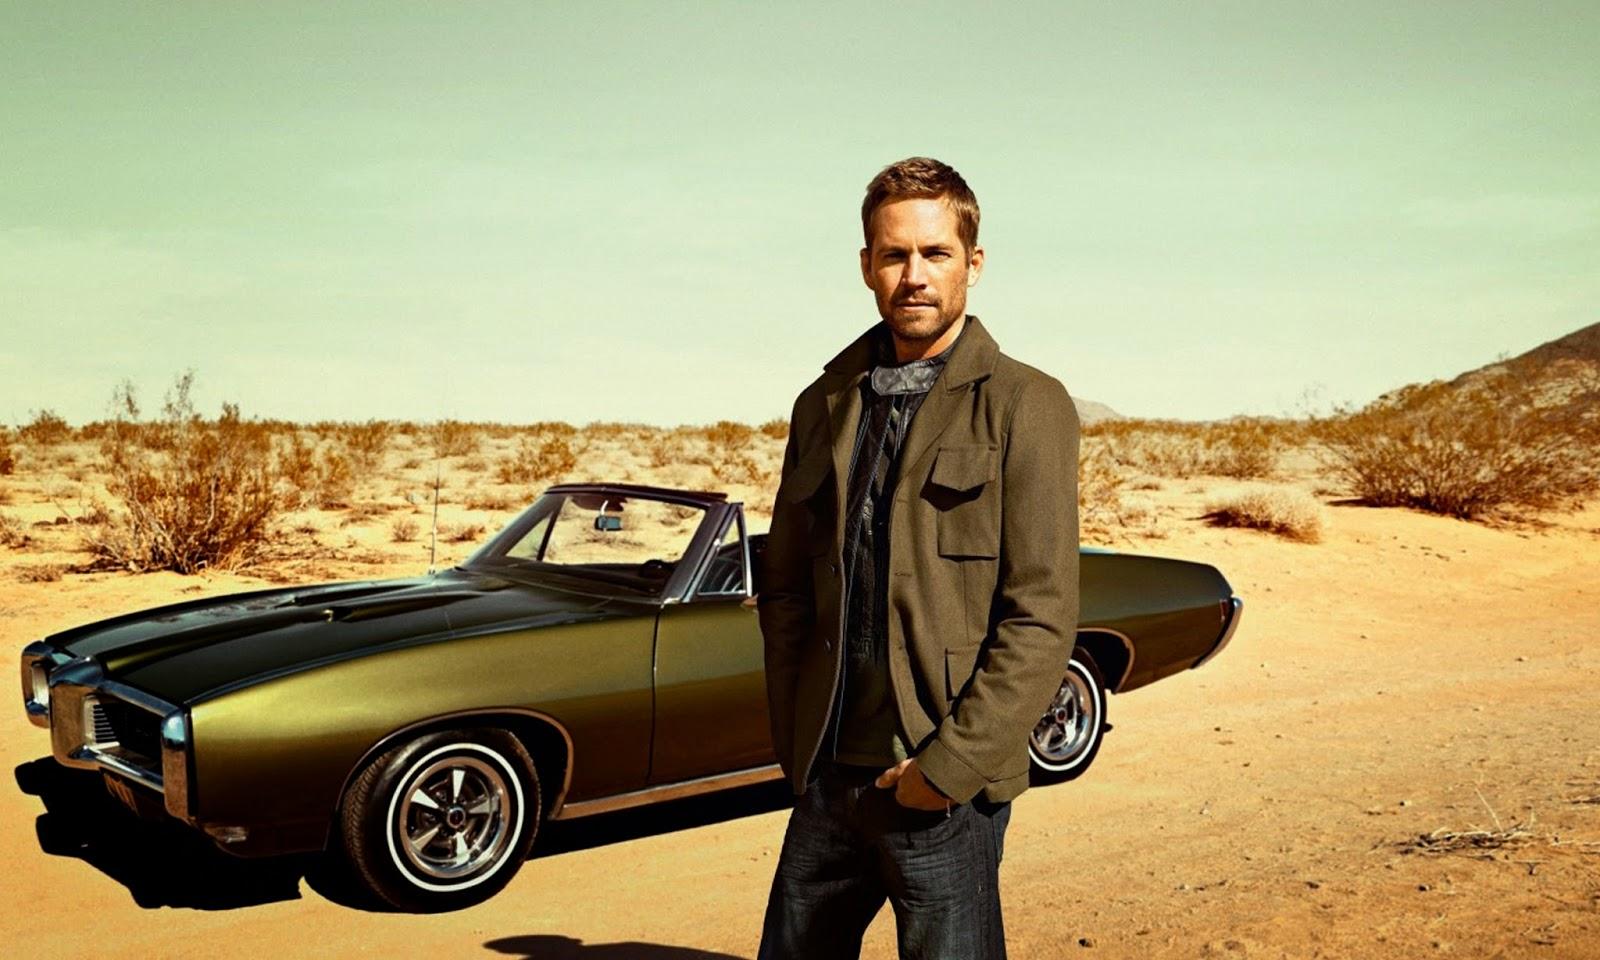 Paul Walker in Fast & Furious 6 HD Wallpaper | HD ... |Fast And Furious 6 Paul Walker Wallpaper